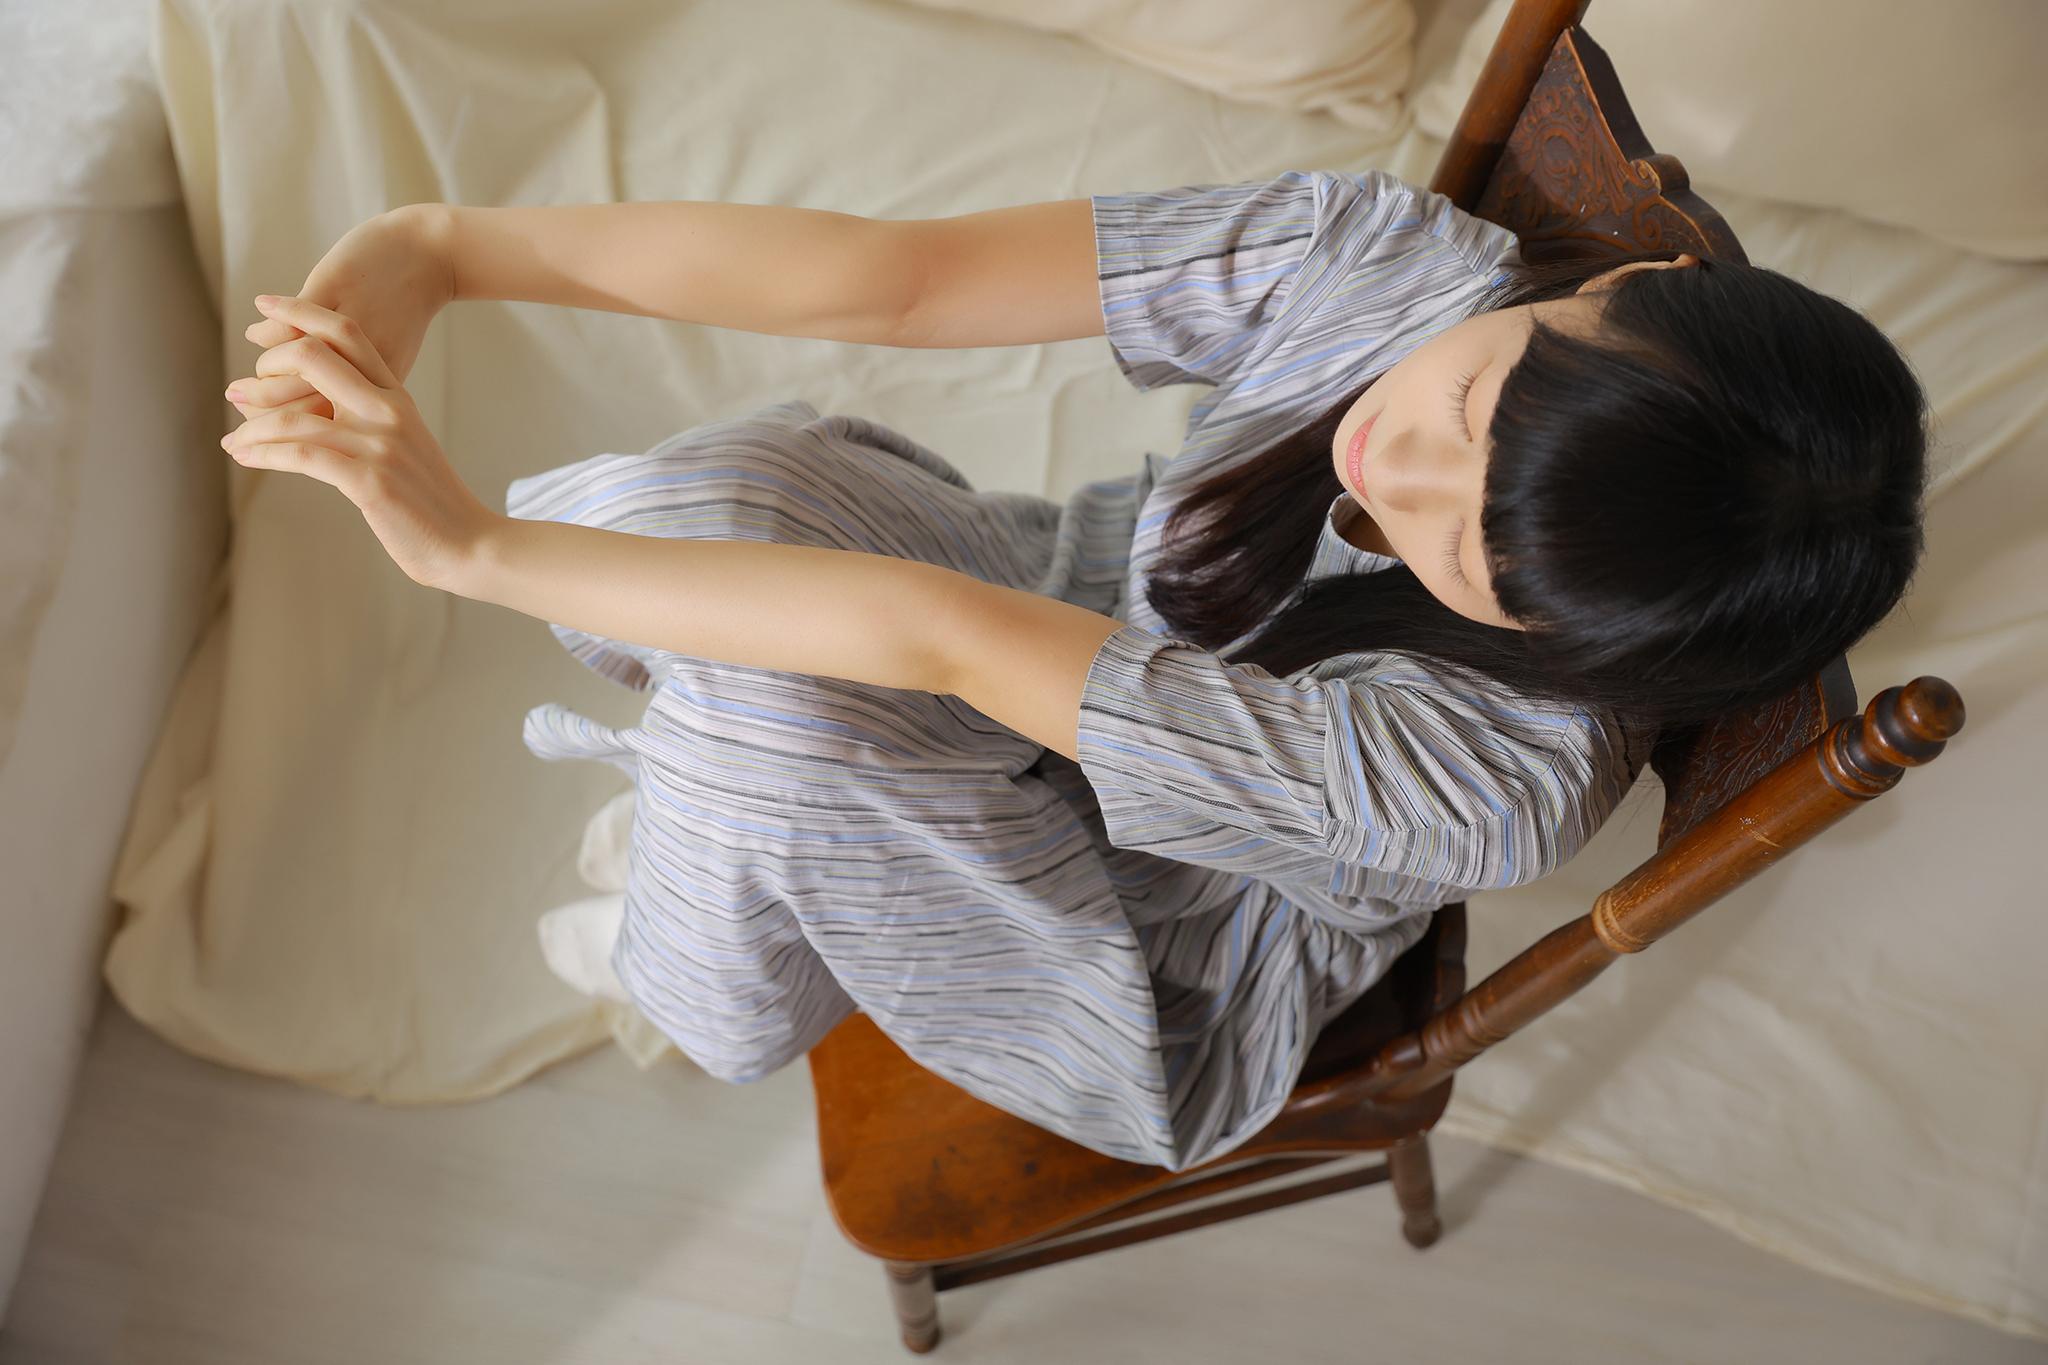 51434924258 df56835540 o - 【形象寫真】+Yaning+